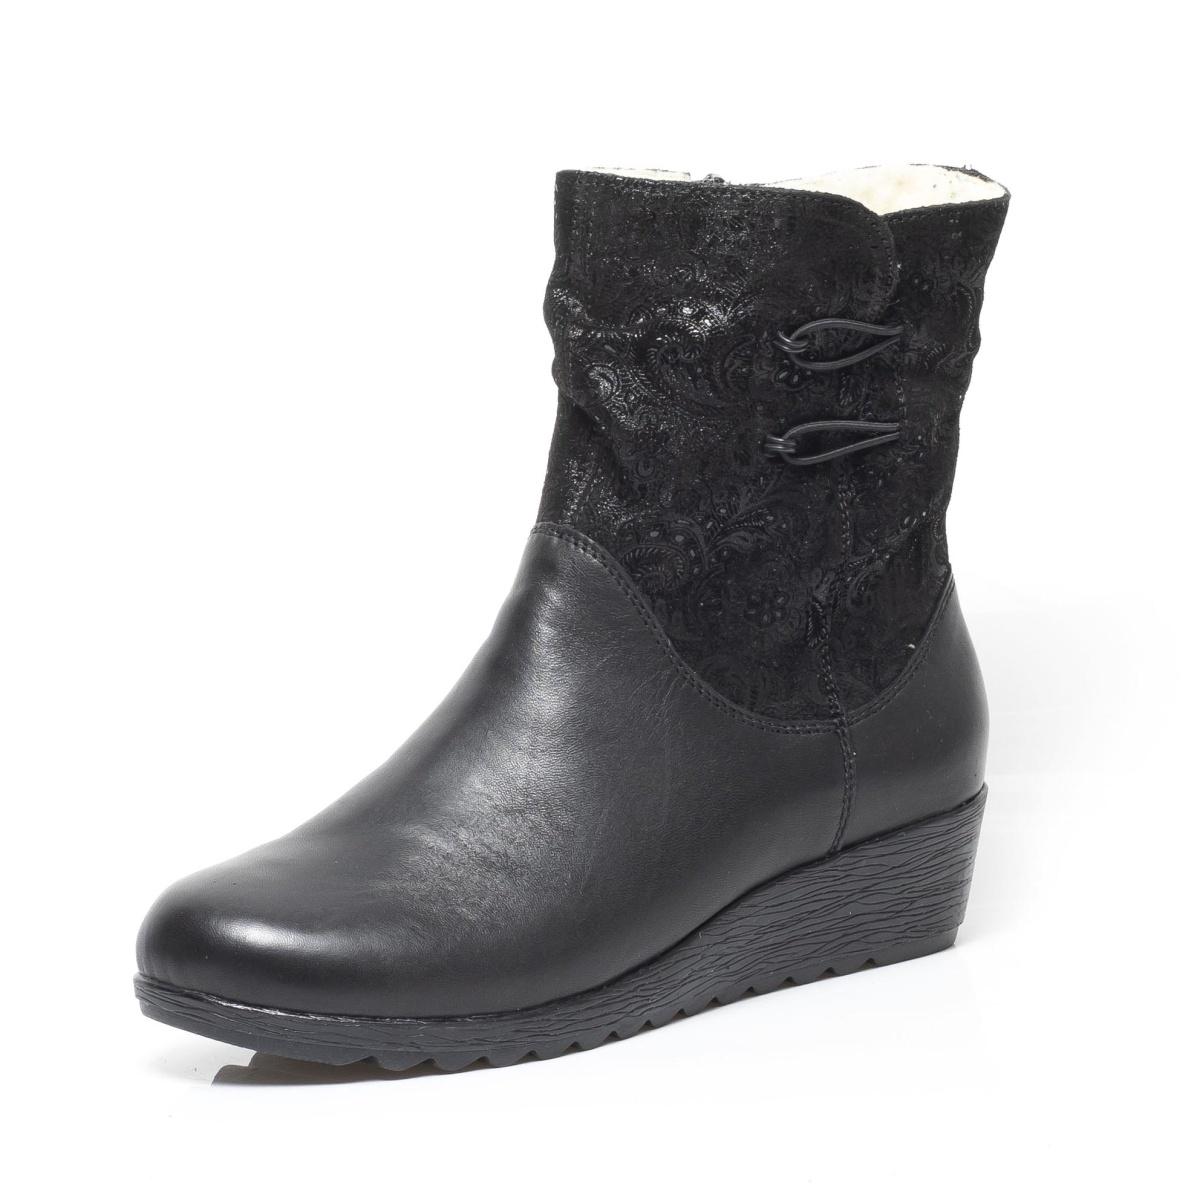 c88d6c849c9 Dámská obuv RIEKERX2474 00 SCHWARZ H W 8